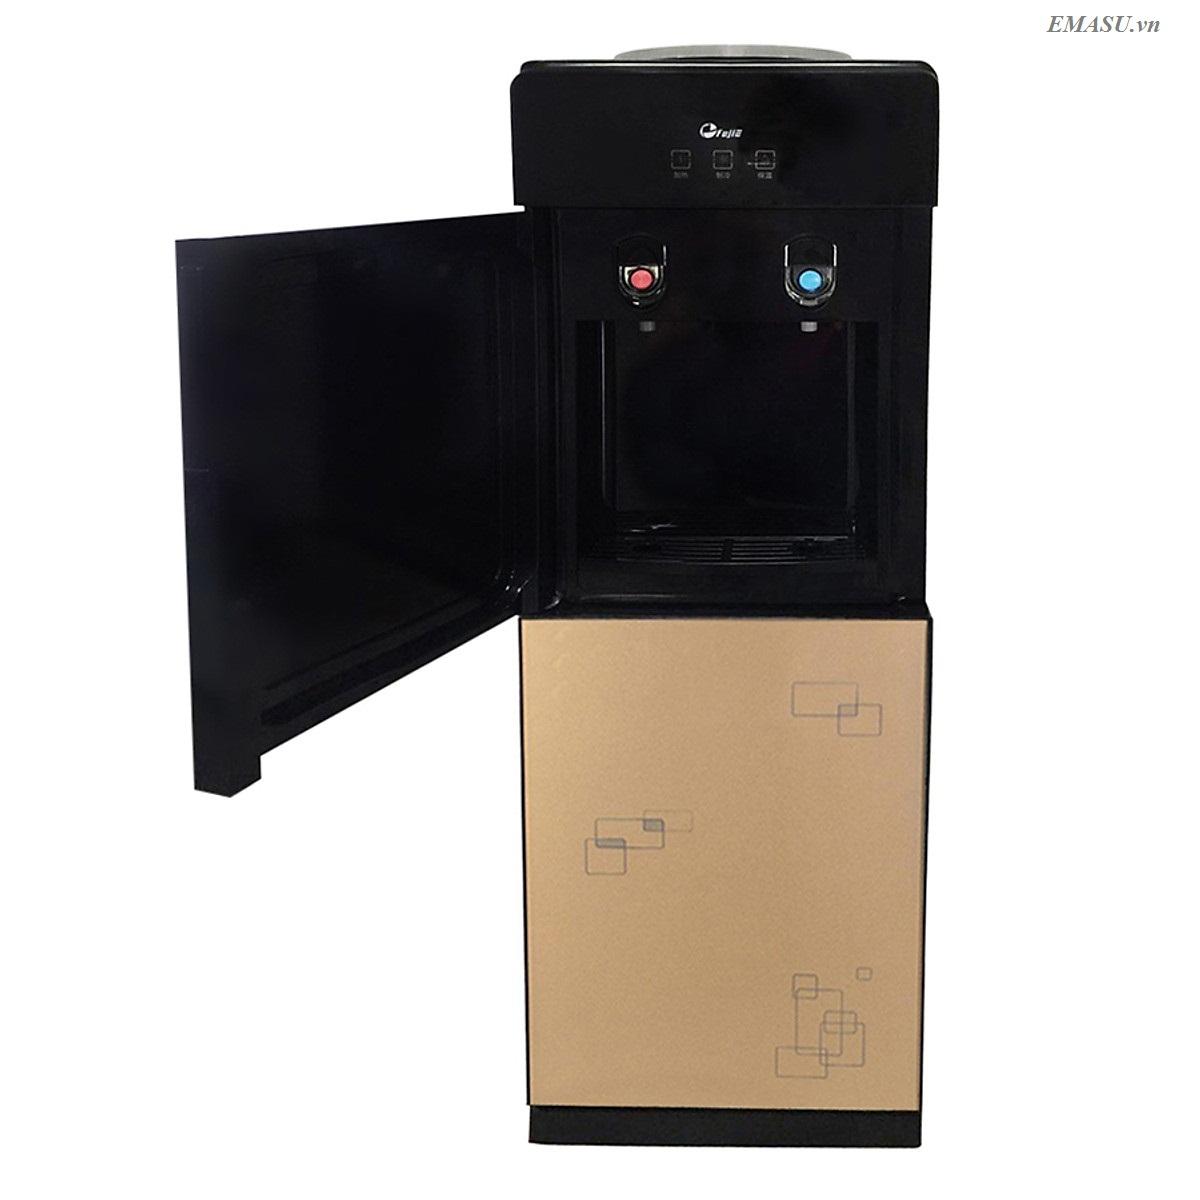 Cây nước nóng lạnh FujiE WD1700E cao cấp thiết kế sang trọng, phù hợp cho gia đình và văn phòng